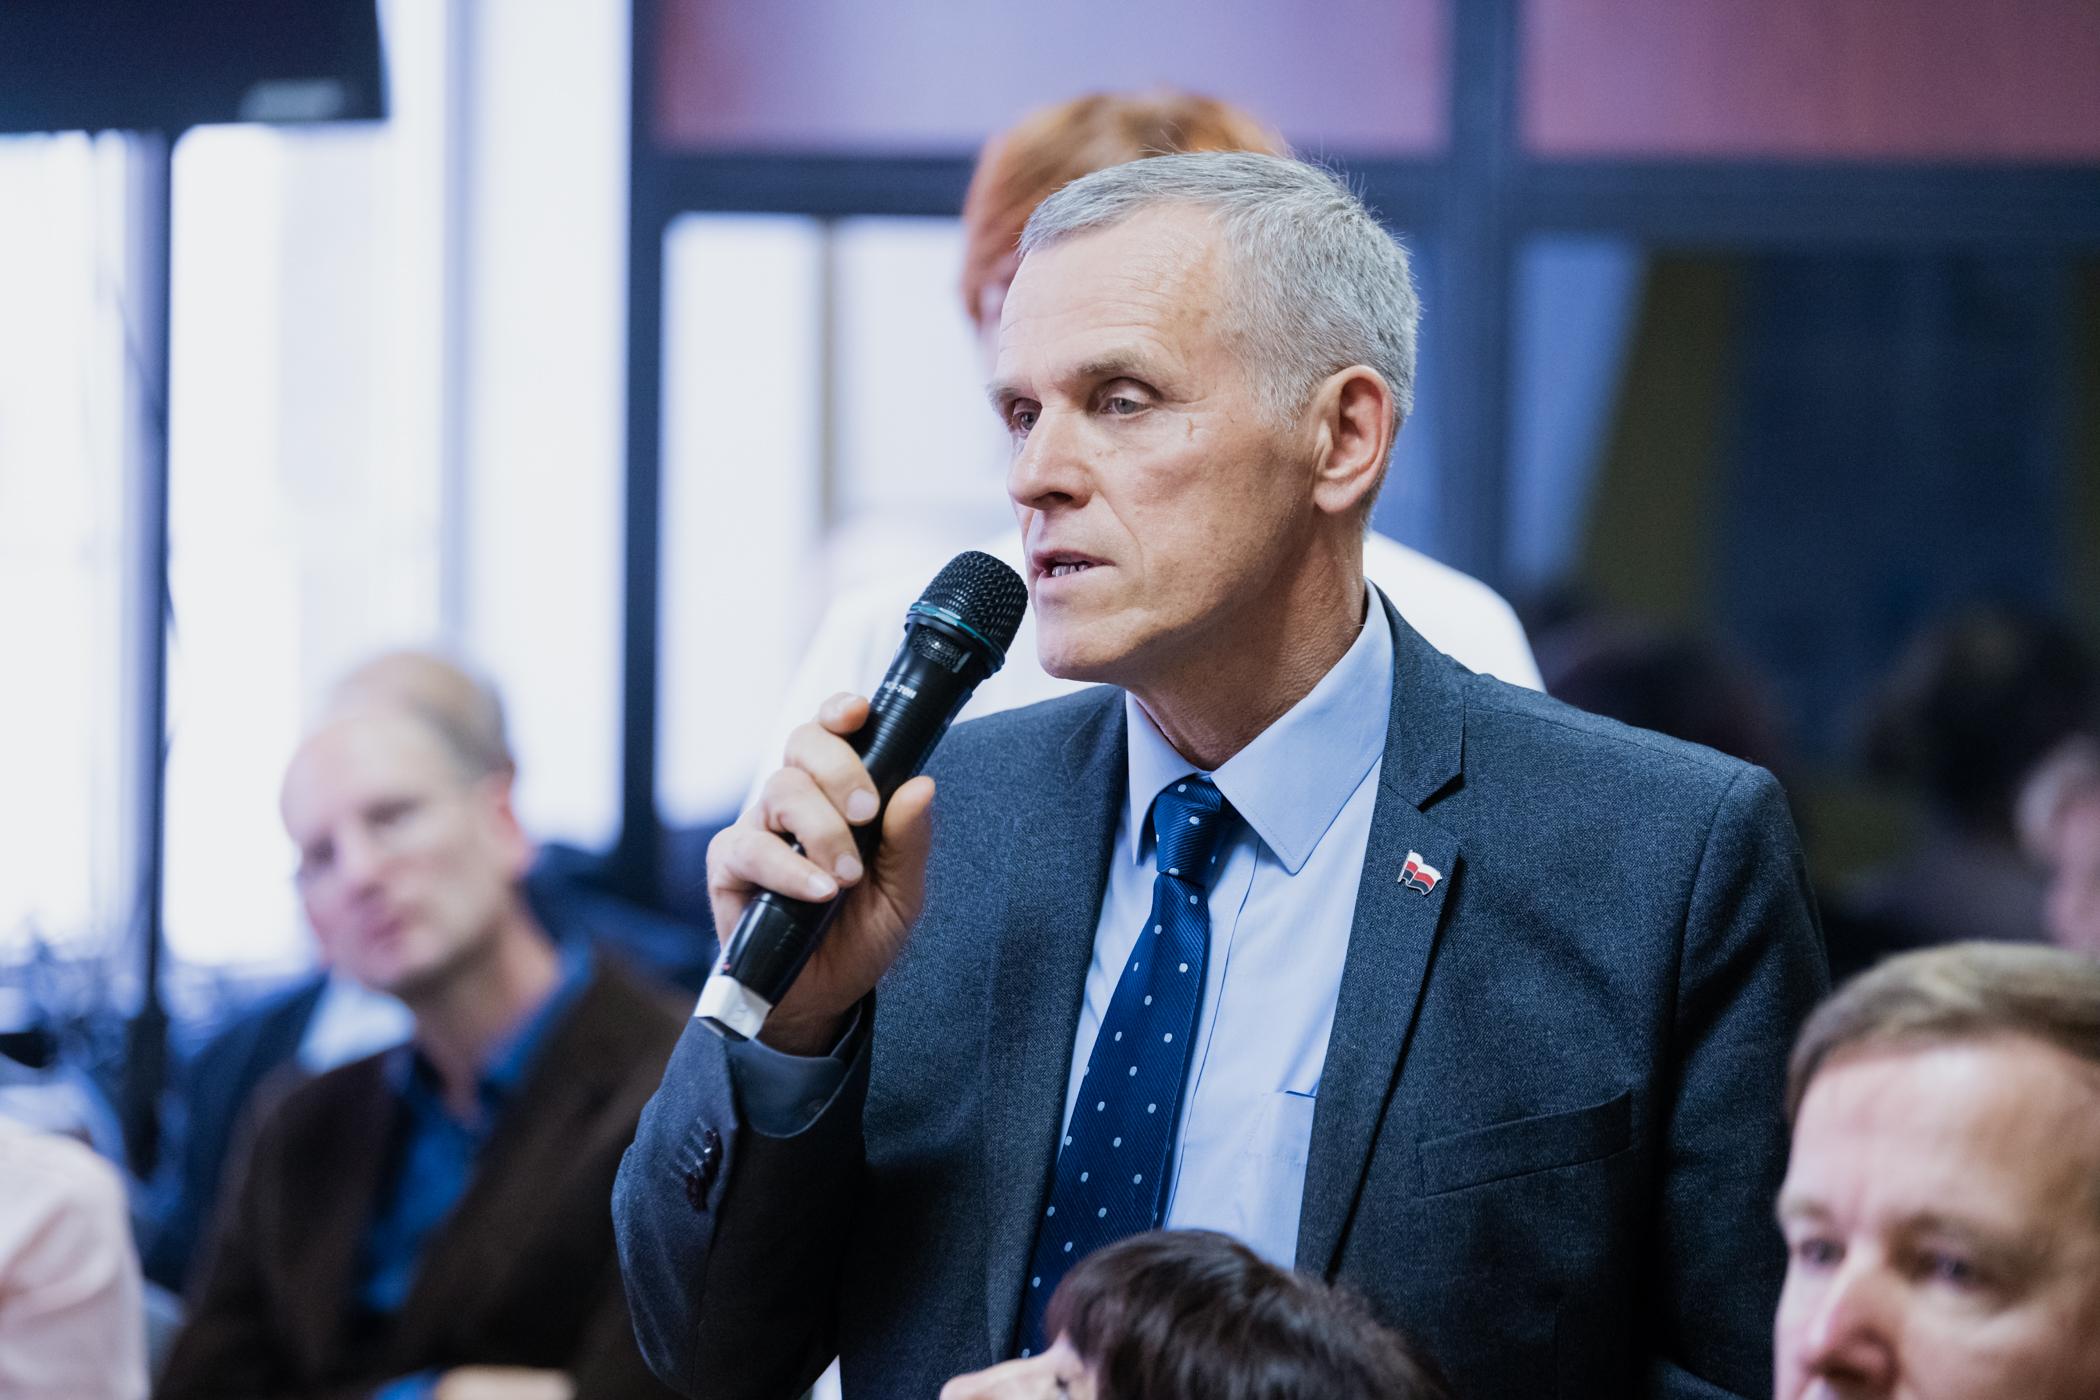 Сиресь Боляєнь виступає на конференції «Корінні народи і мови в глобалізованому світі. Виклики, можливості та загрози», що проходила 11 жовтня 2019 р. в Інституті естонської мови у Таллінні.